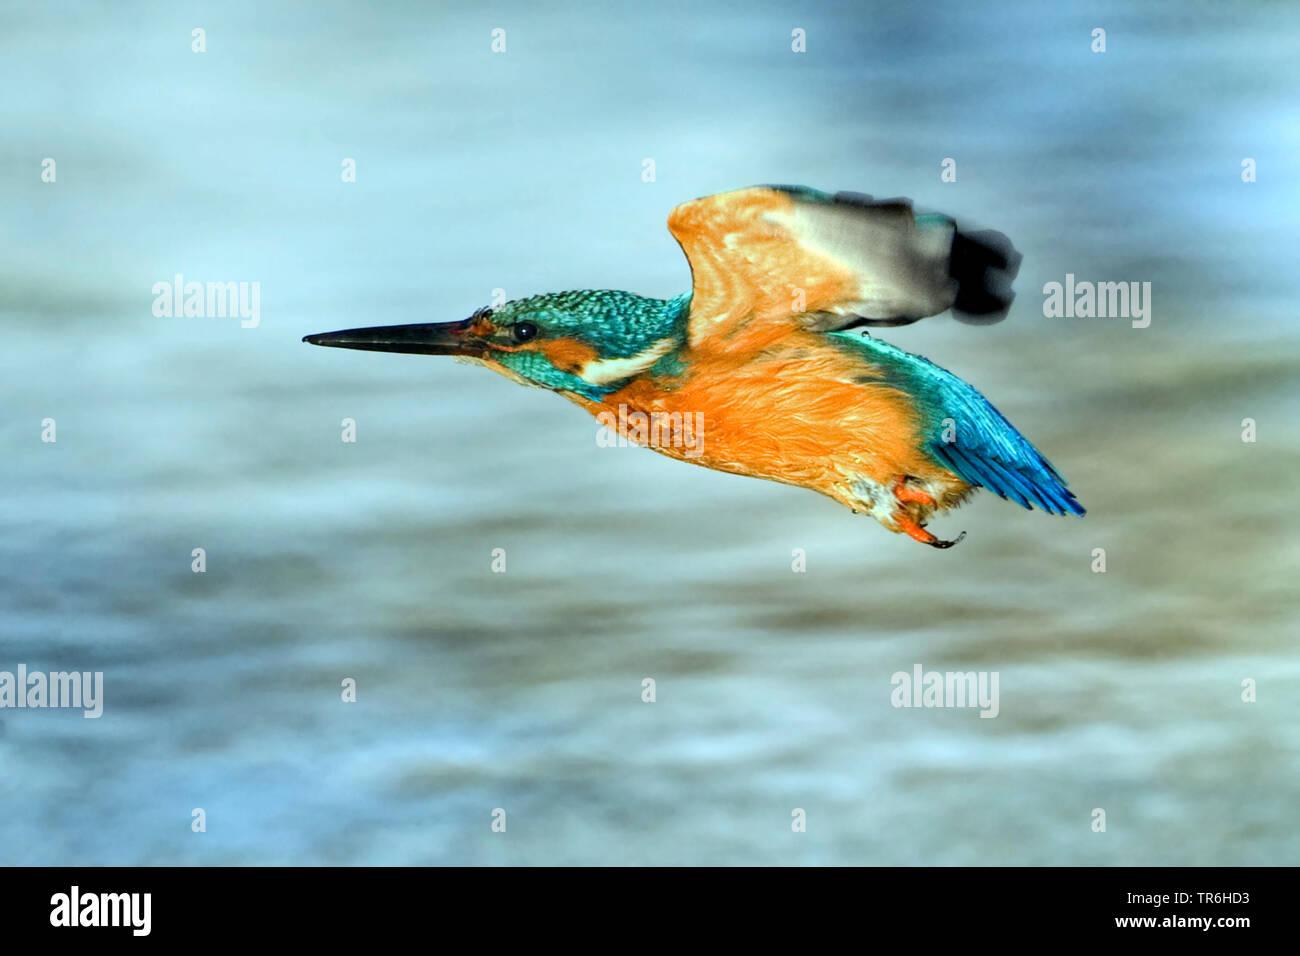 Fluss Eisvogel (Alcedo atthis), männlich im Flug über Gewässer, Deutschland, Nordrhein-Westfalen, Bergisches Land Stockfoto